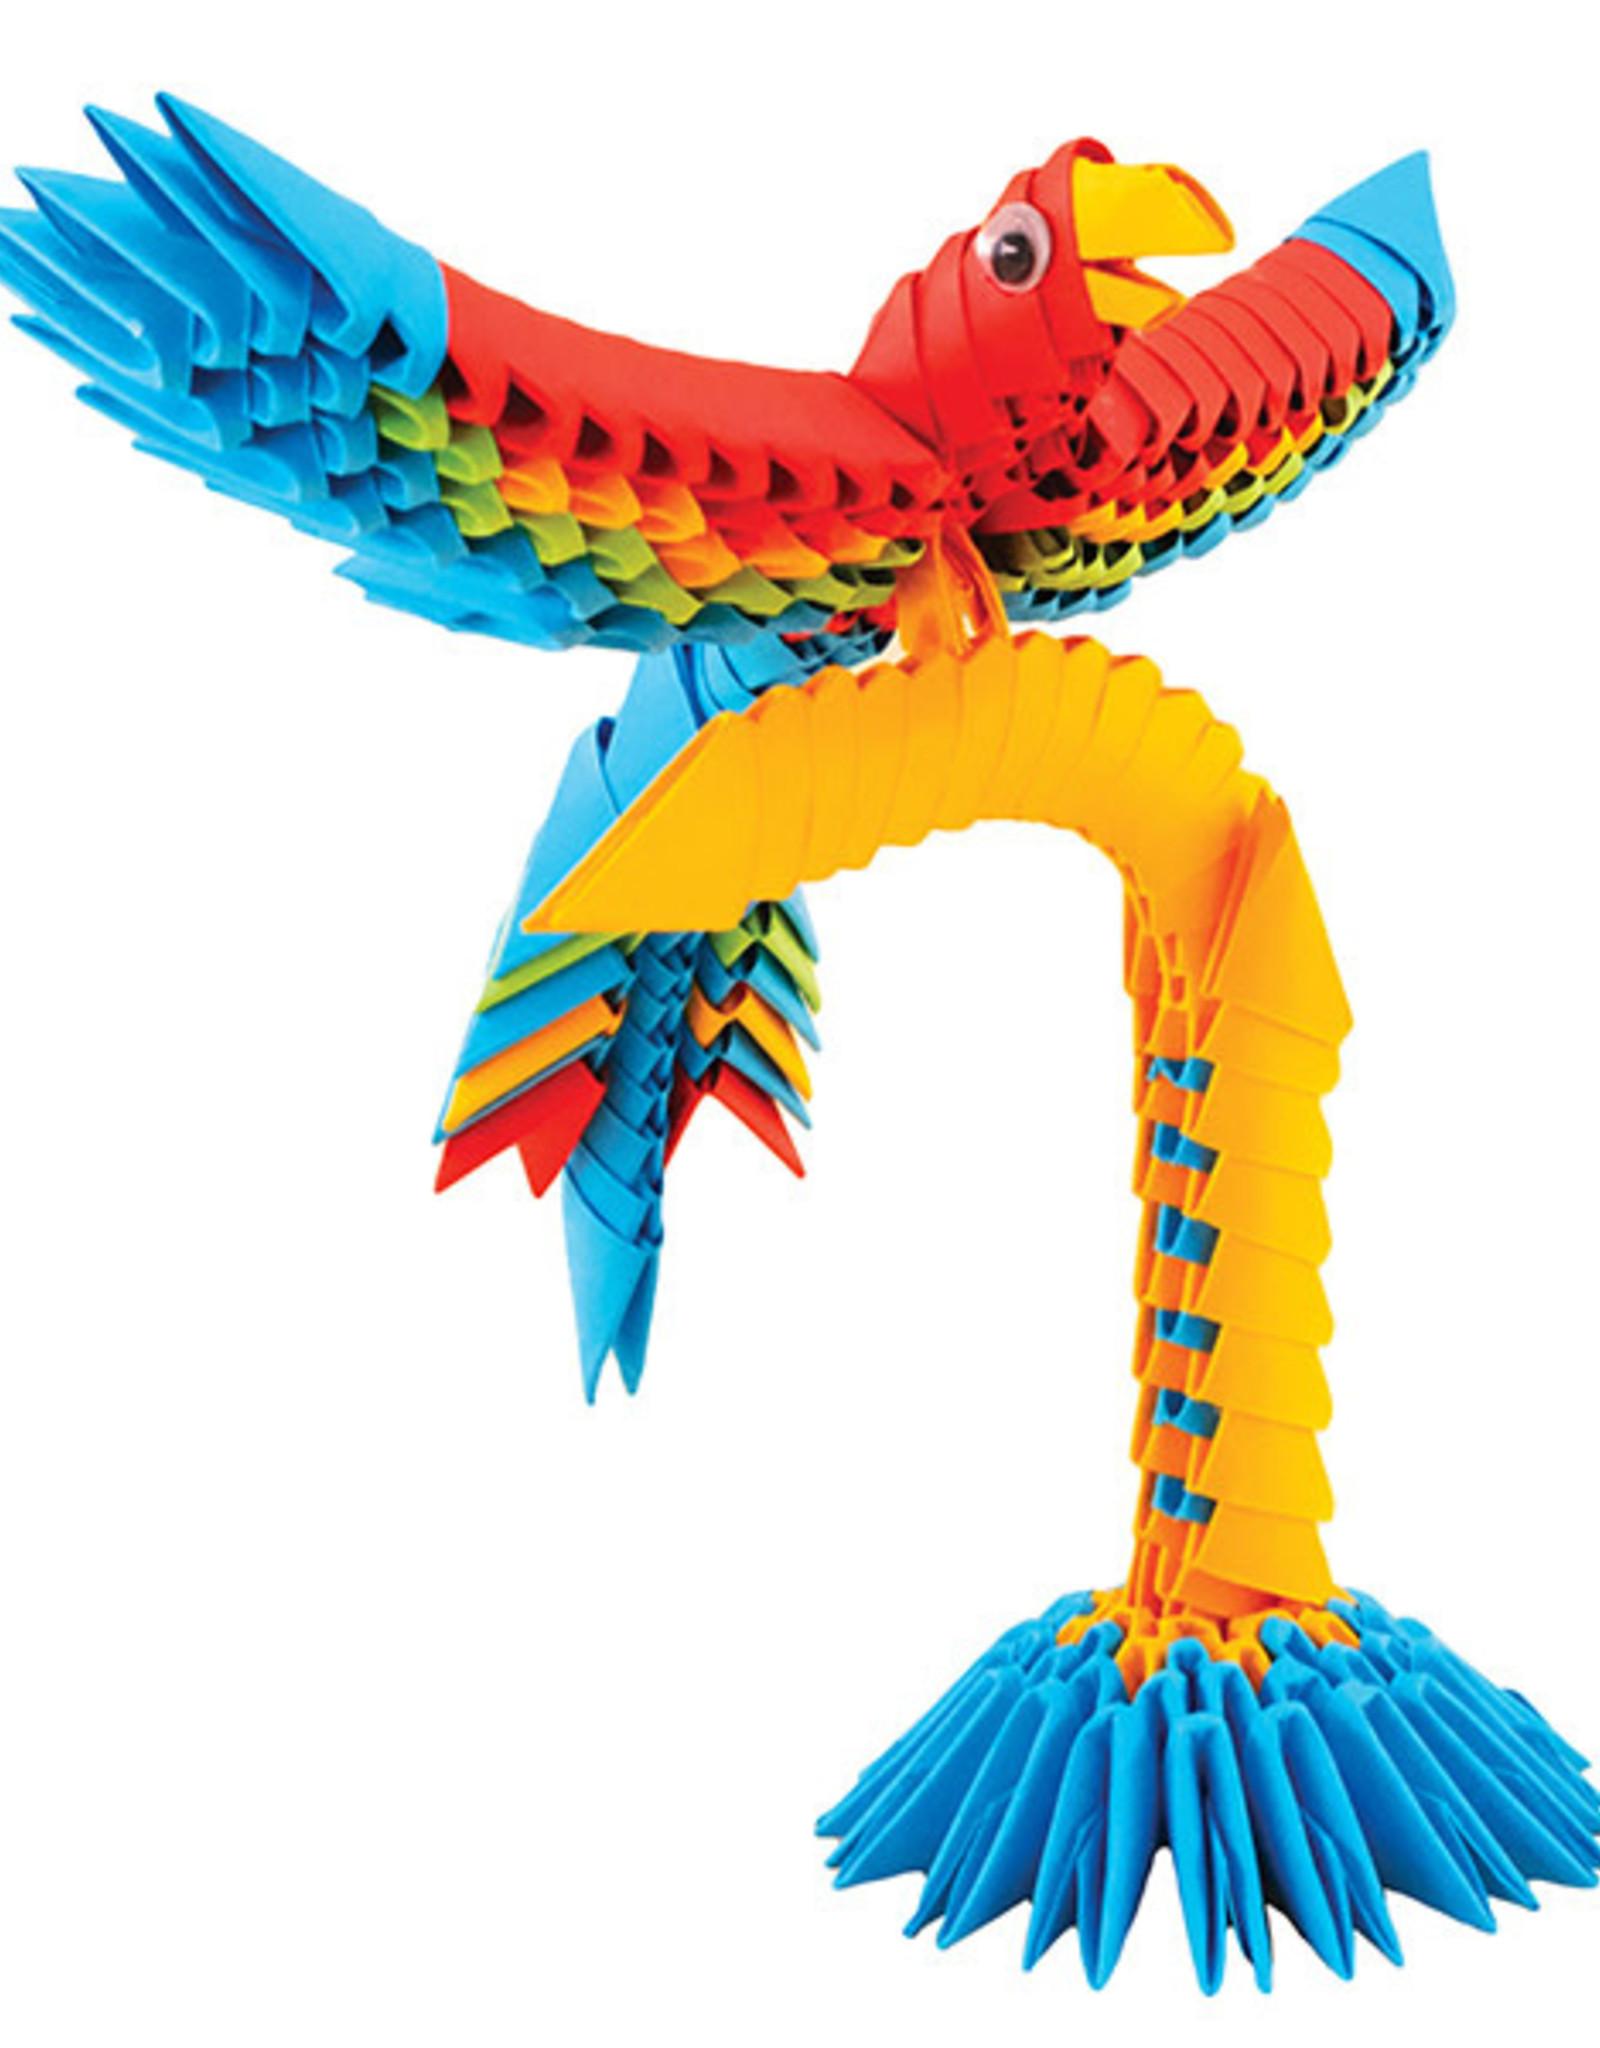 Creagami Creagami-Parrot 243pc